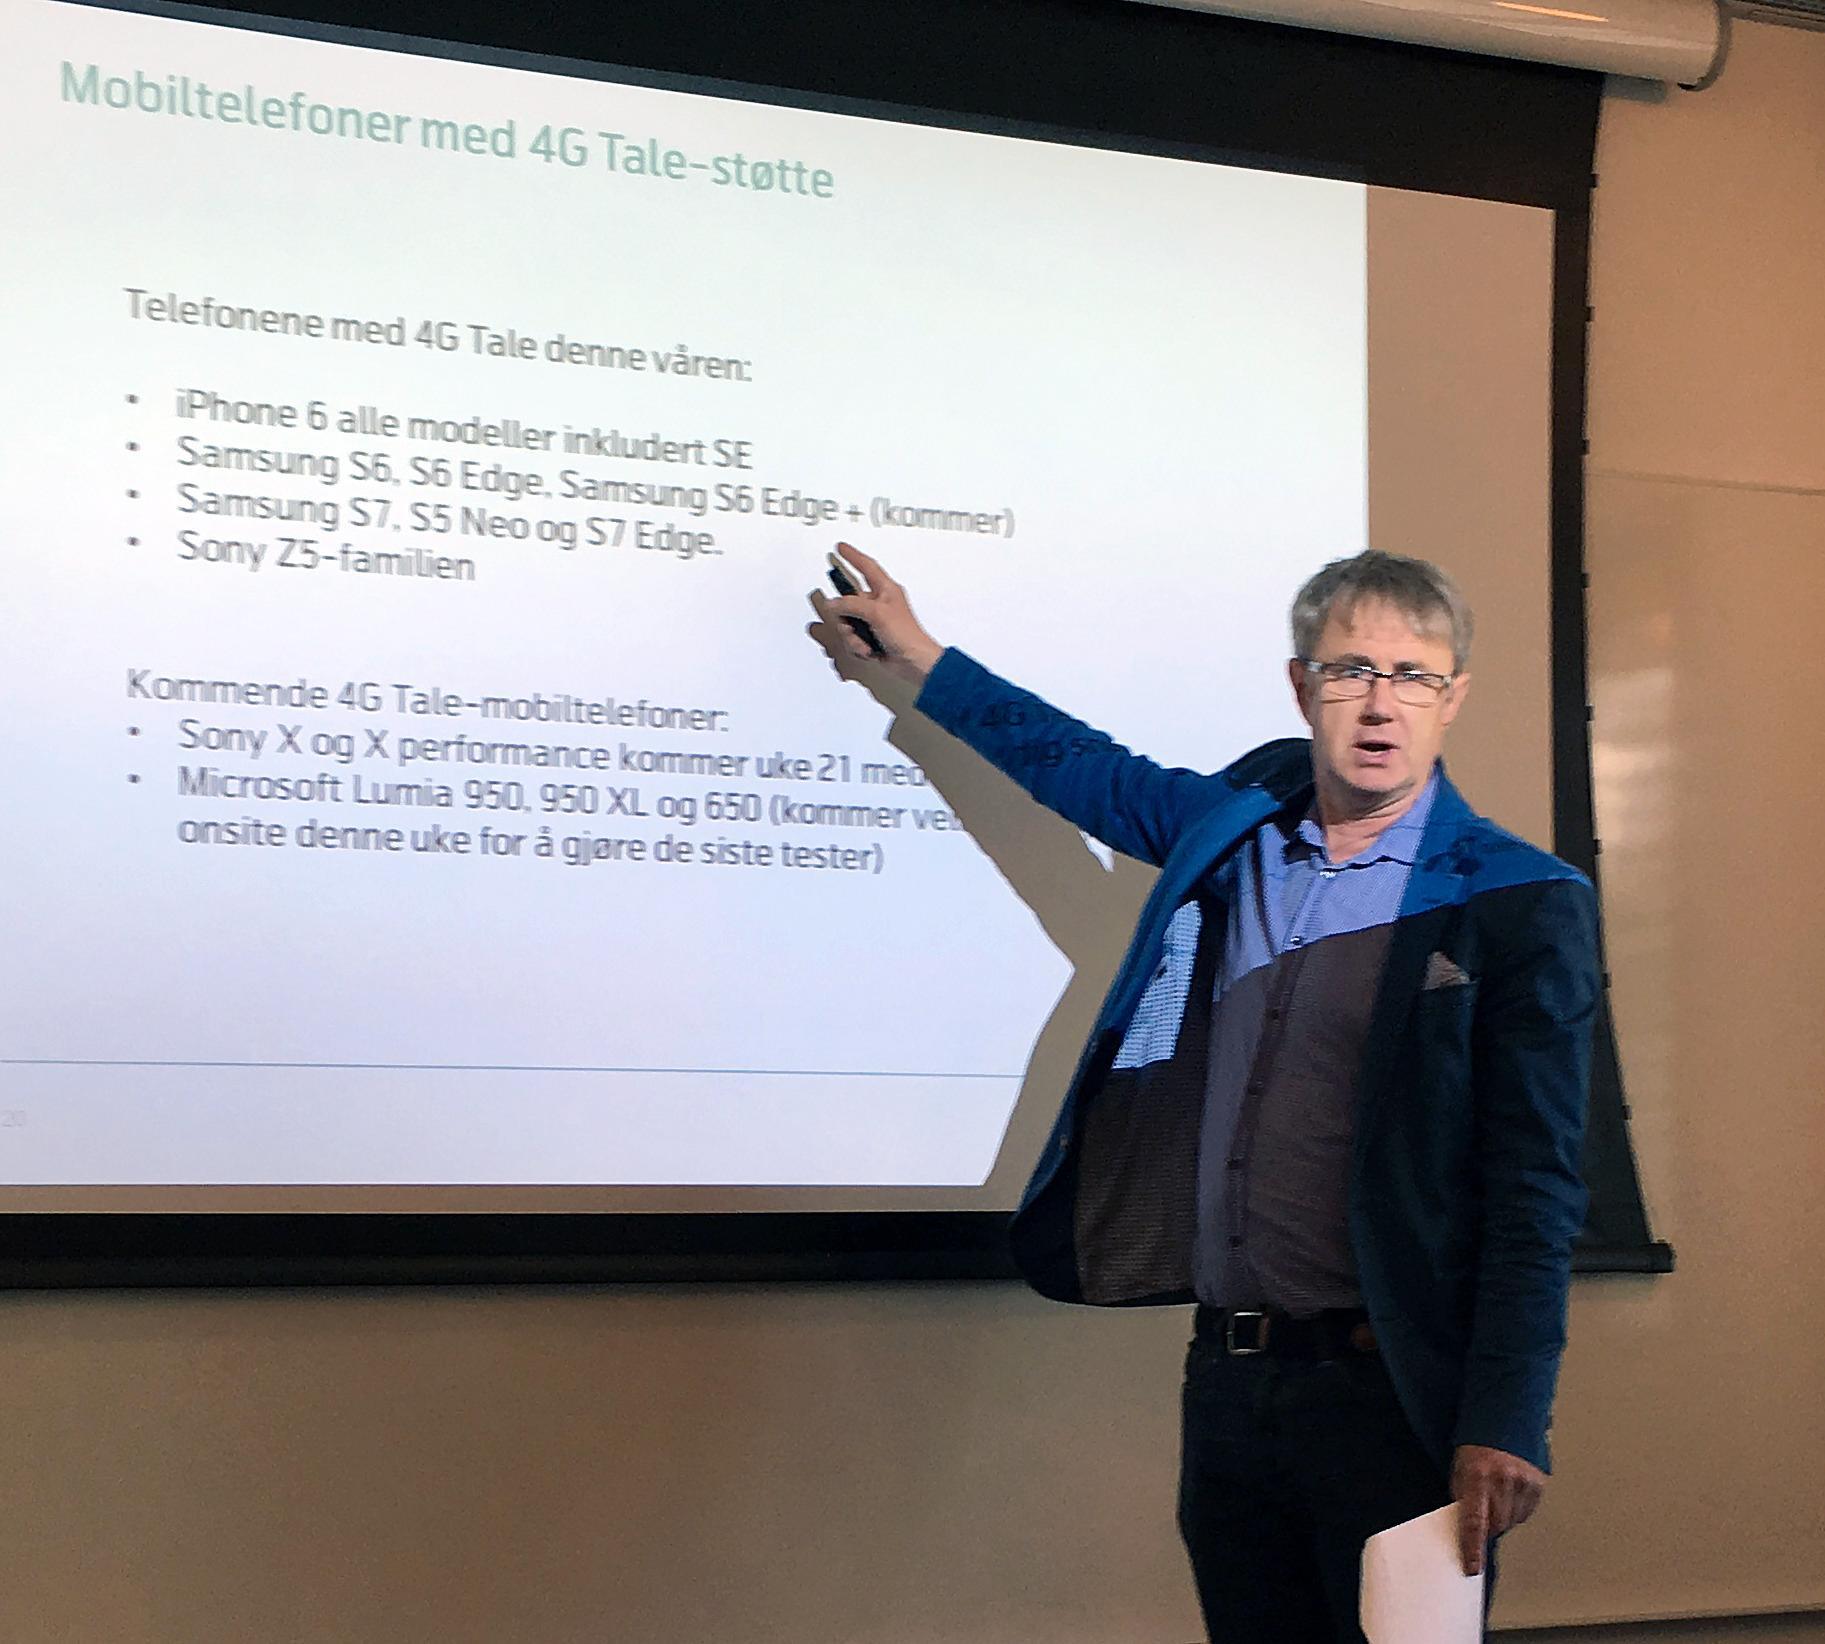 Dekningsdirektør Bjørn Amundsen i Telenor forteller at stadig flere telefoner nå får støtte for VoLTE.